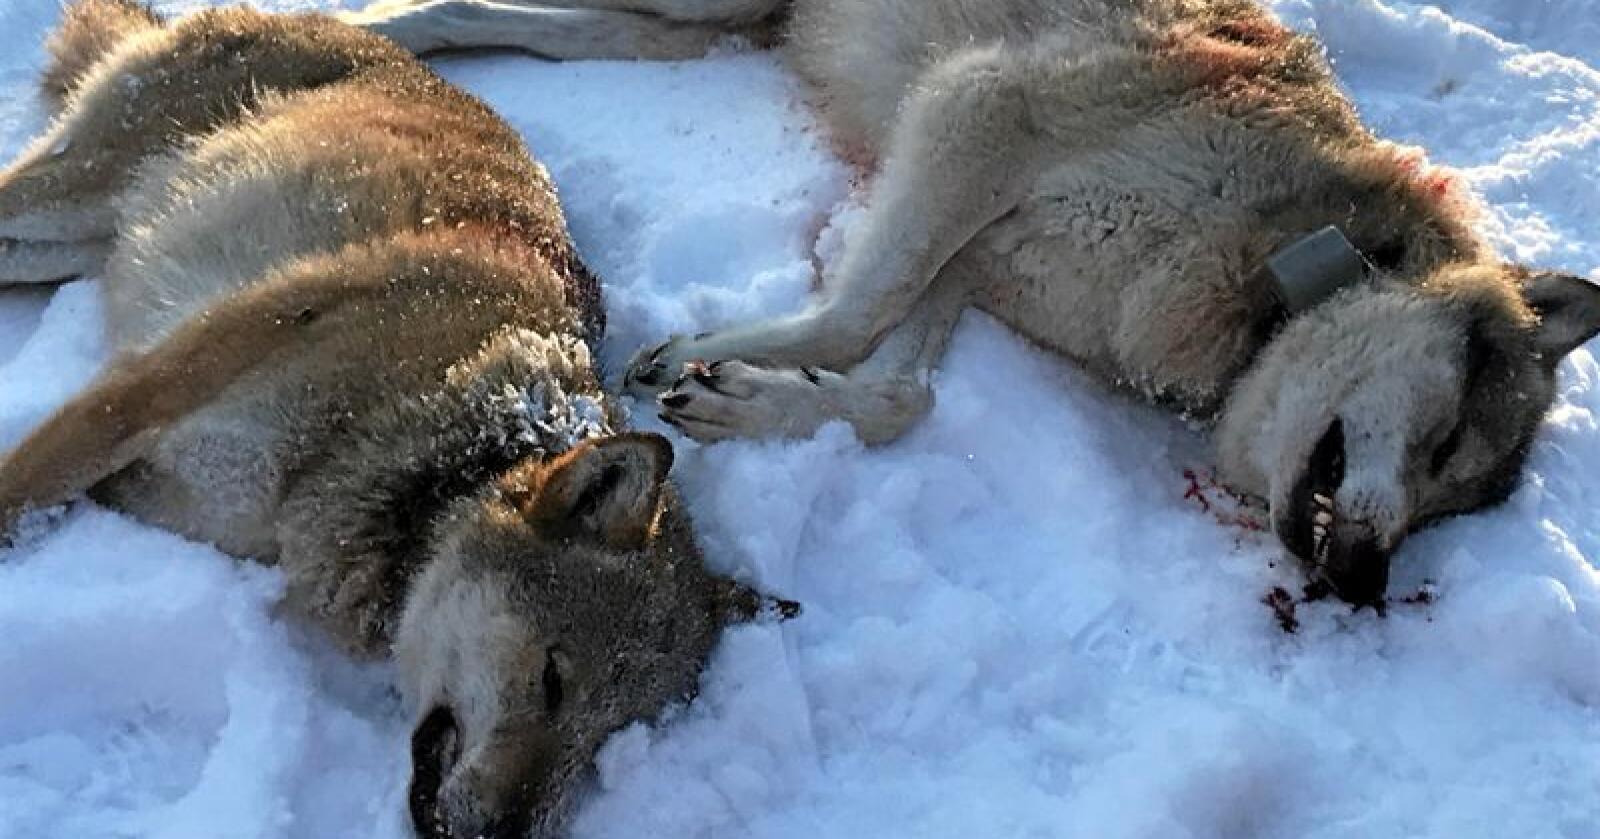 Disse to ulvene ble skutt i Slettås i Trysil kommune i januar. Foto: Ole Martin Norderhaug